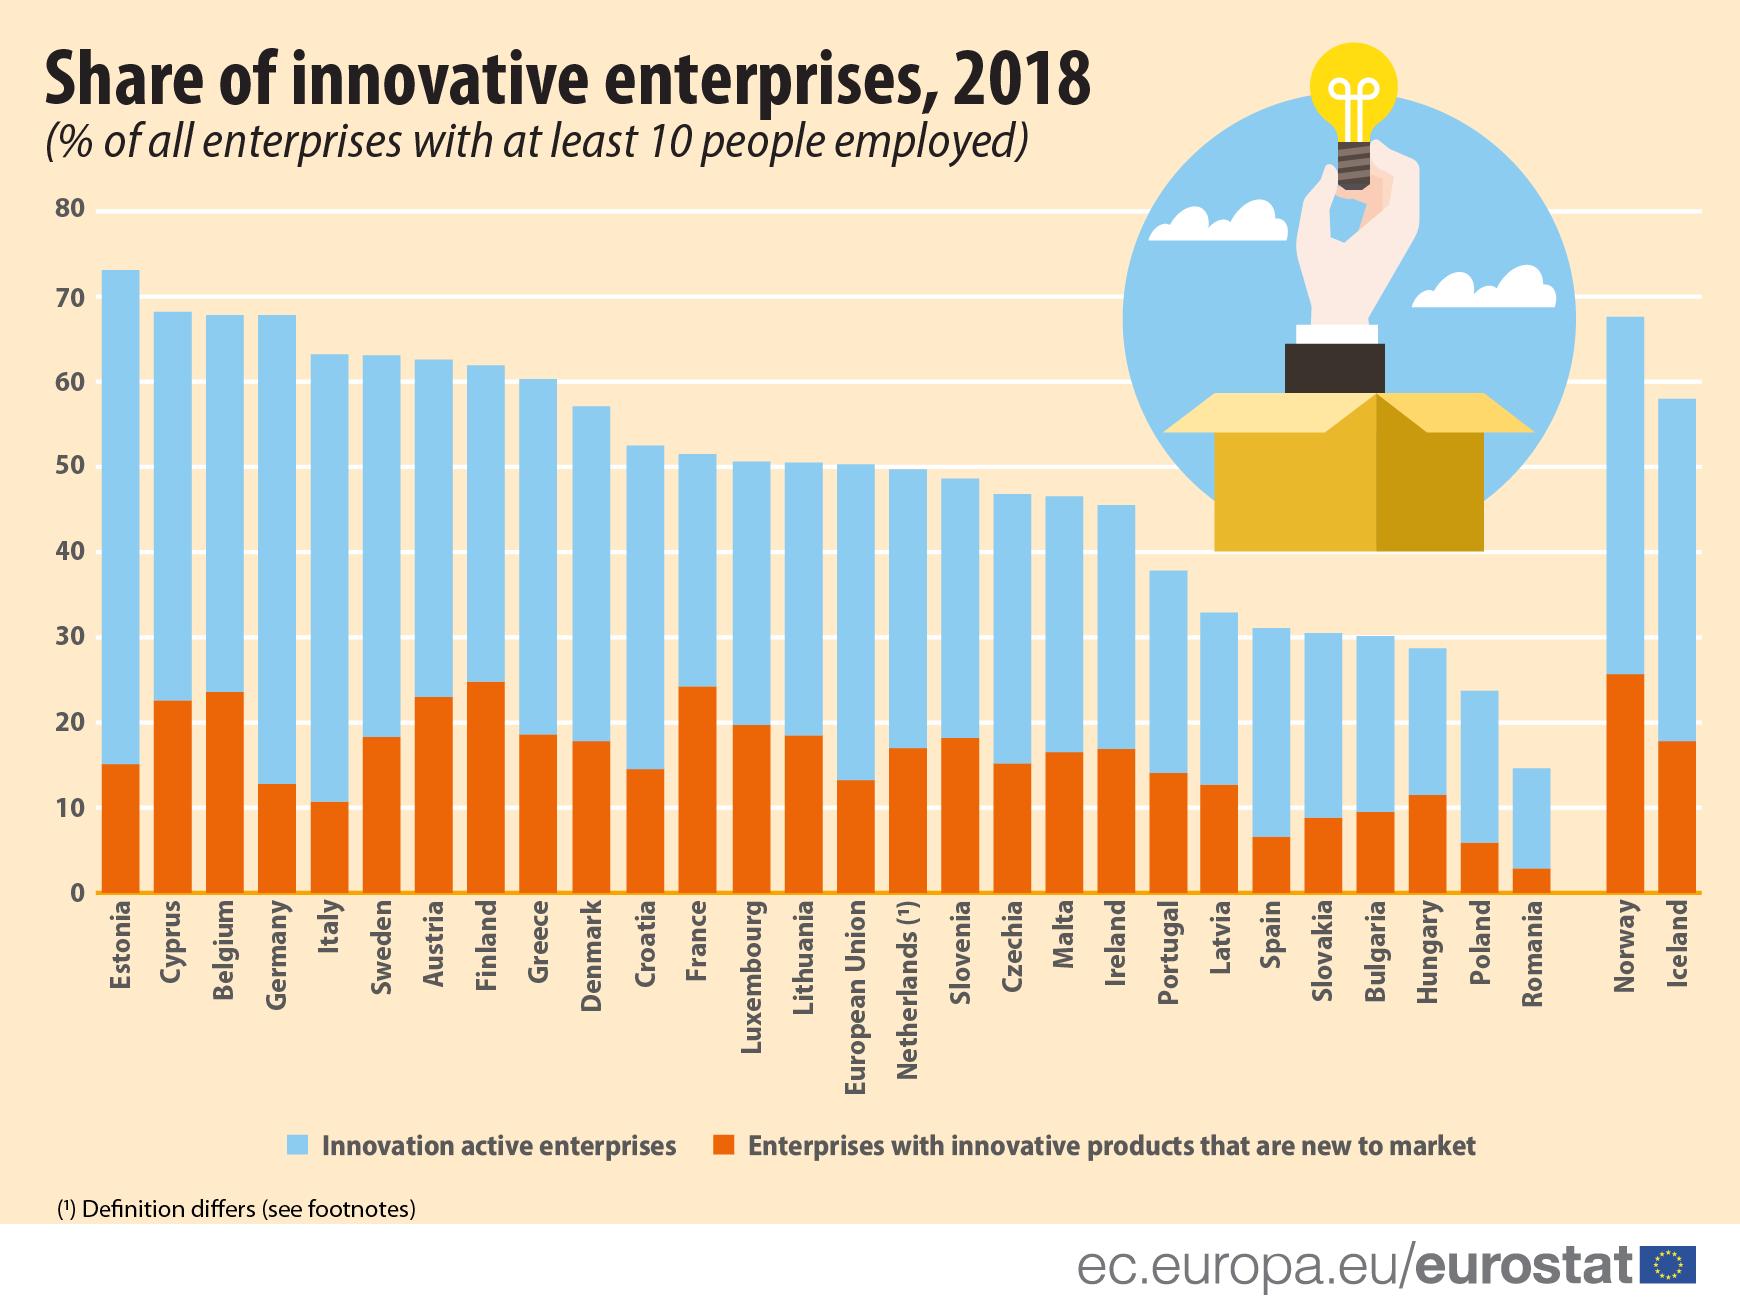 România, codașa Uniunii Europene în privința numărului de companii inovatoare